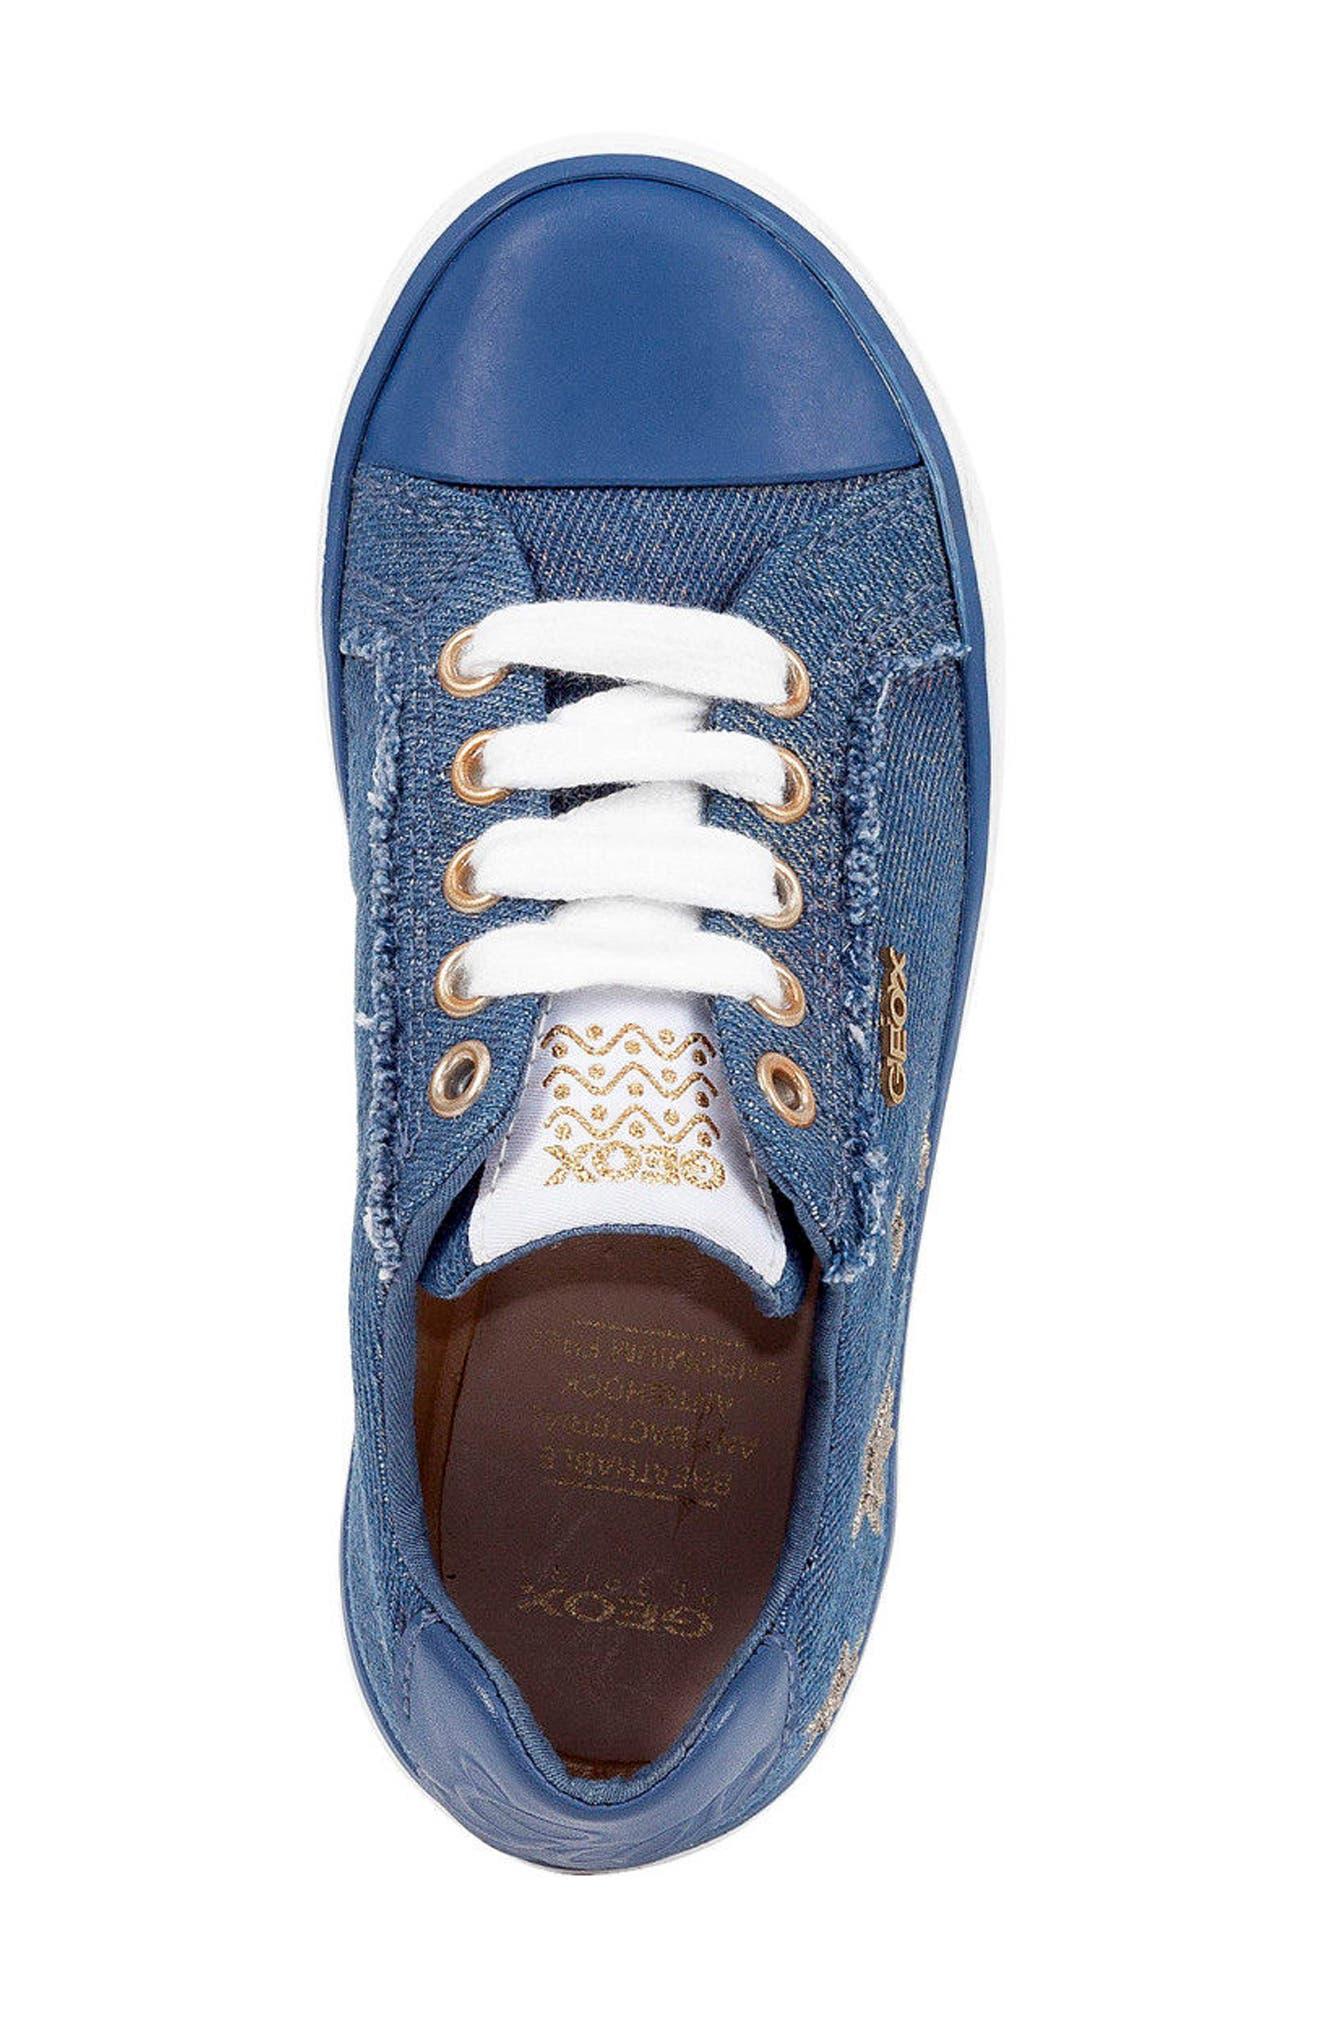 Kilwi Low Top Sneaker,                             Alternate thumbnail 4, color,                             Avio